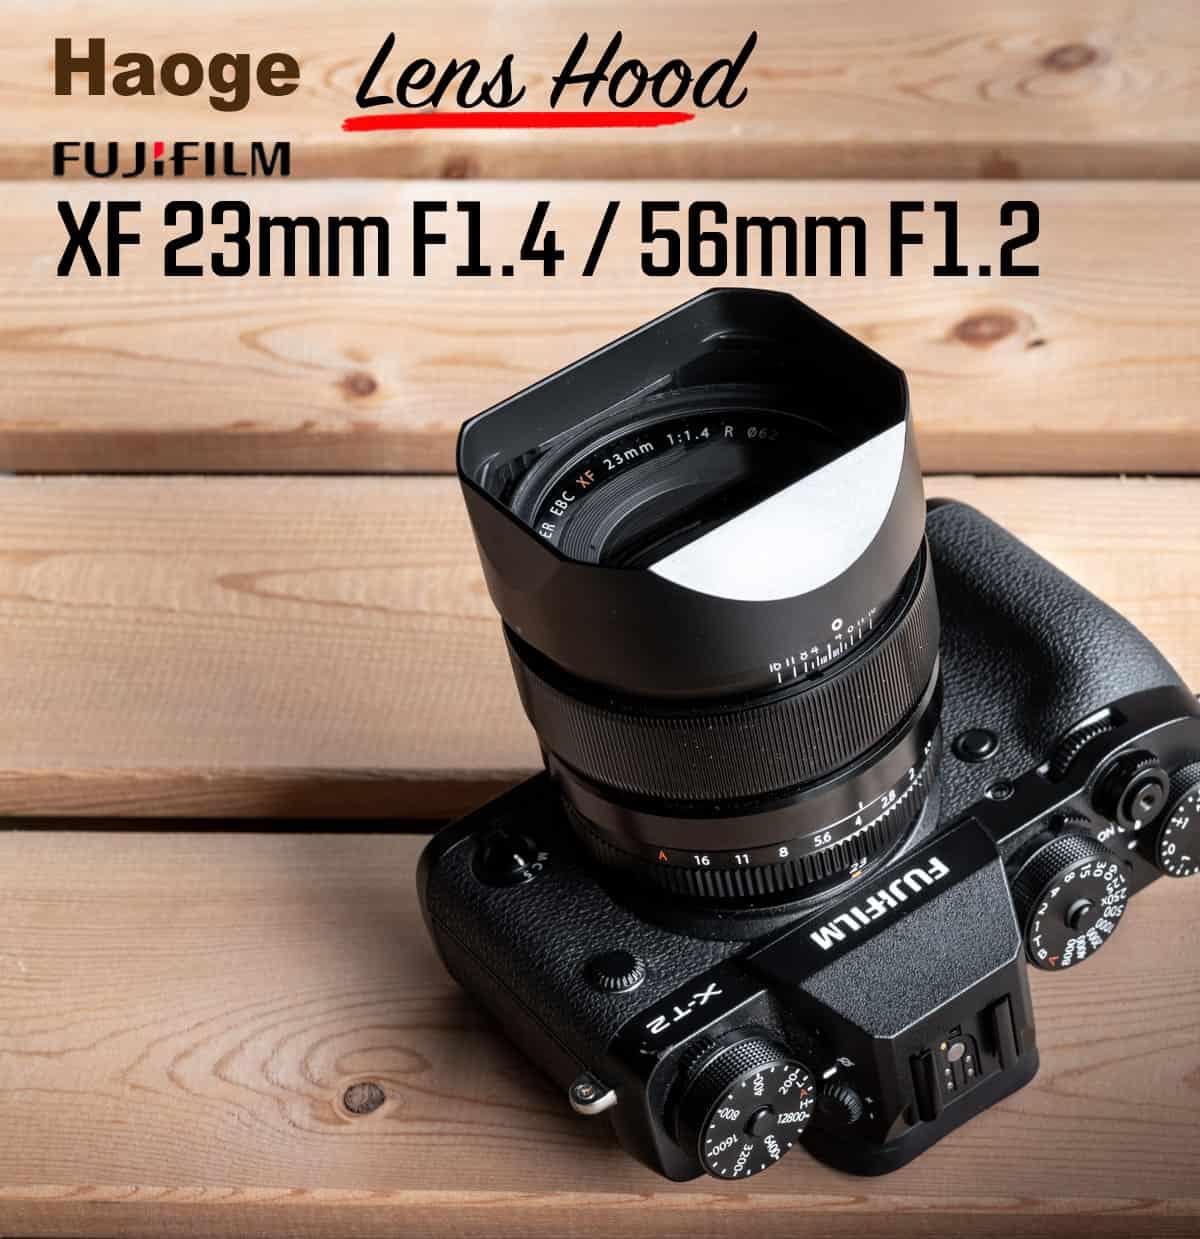 ฮูด Fuji 23mm f1.4 และ Fuji 56mm f1.2 จาก Haoge Lens Hood LH-X23B